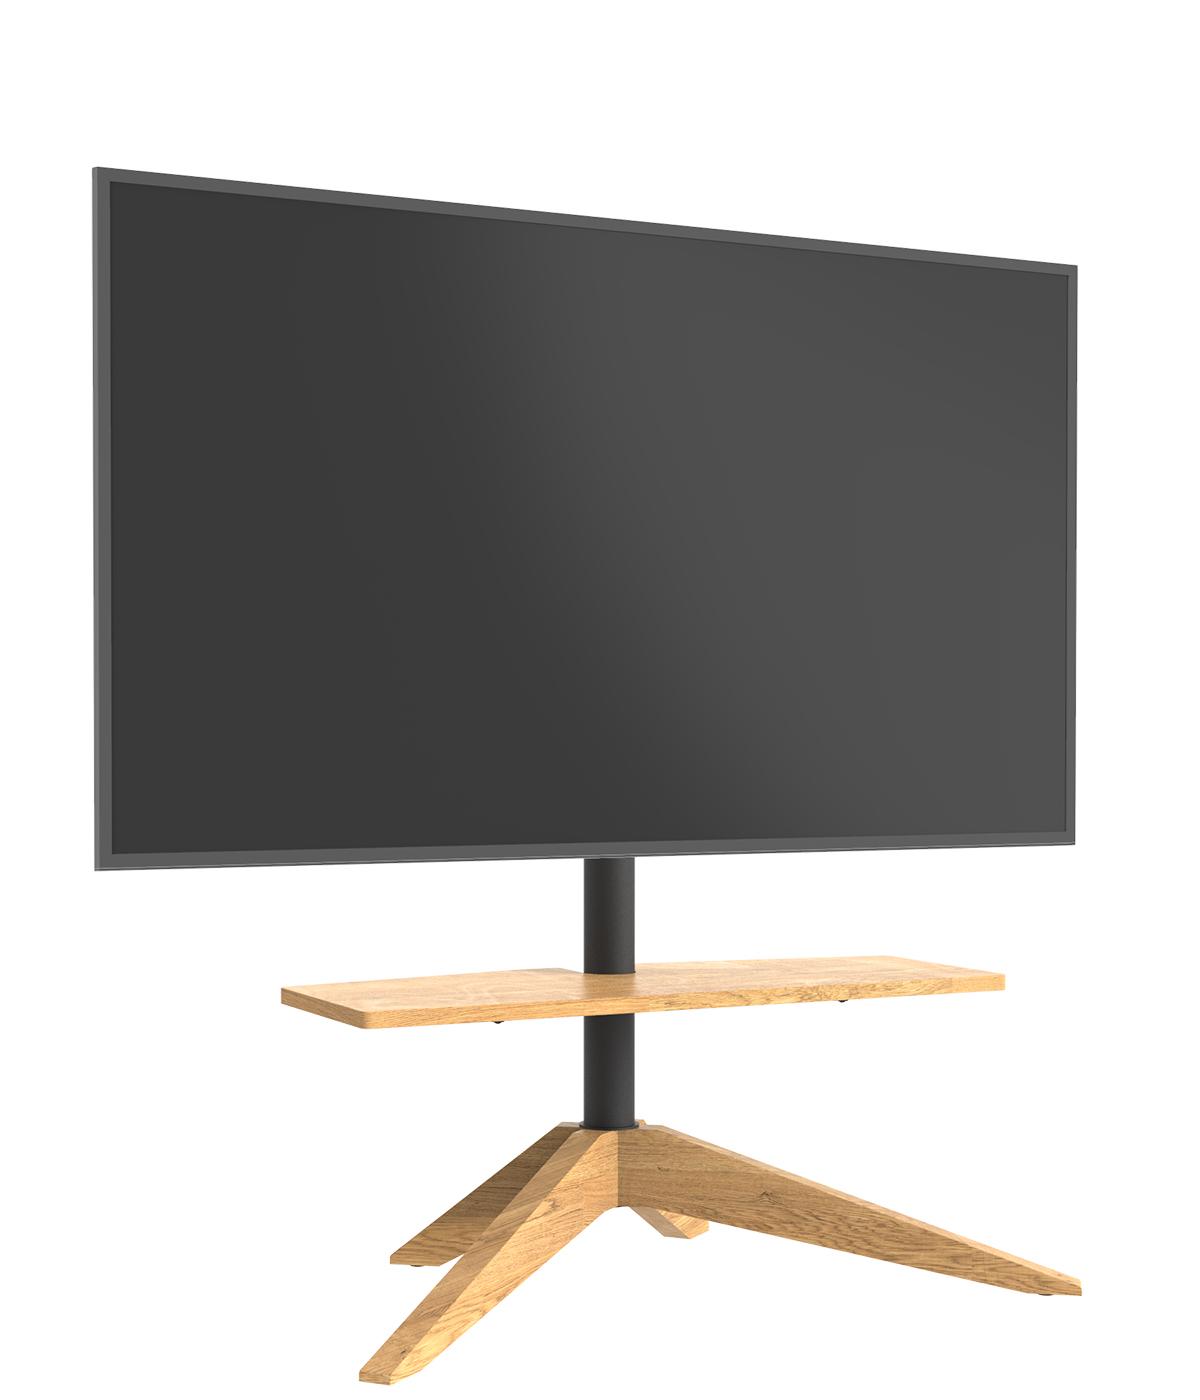 Cavus Tv vloerstandaard Cross Oak VESA 400x400